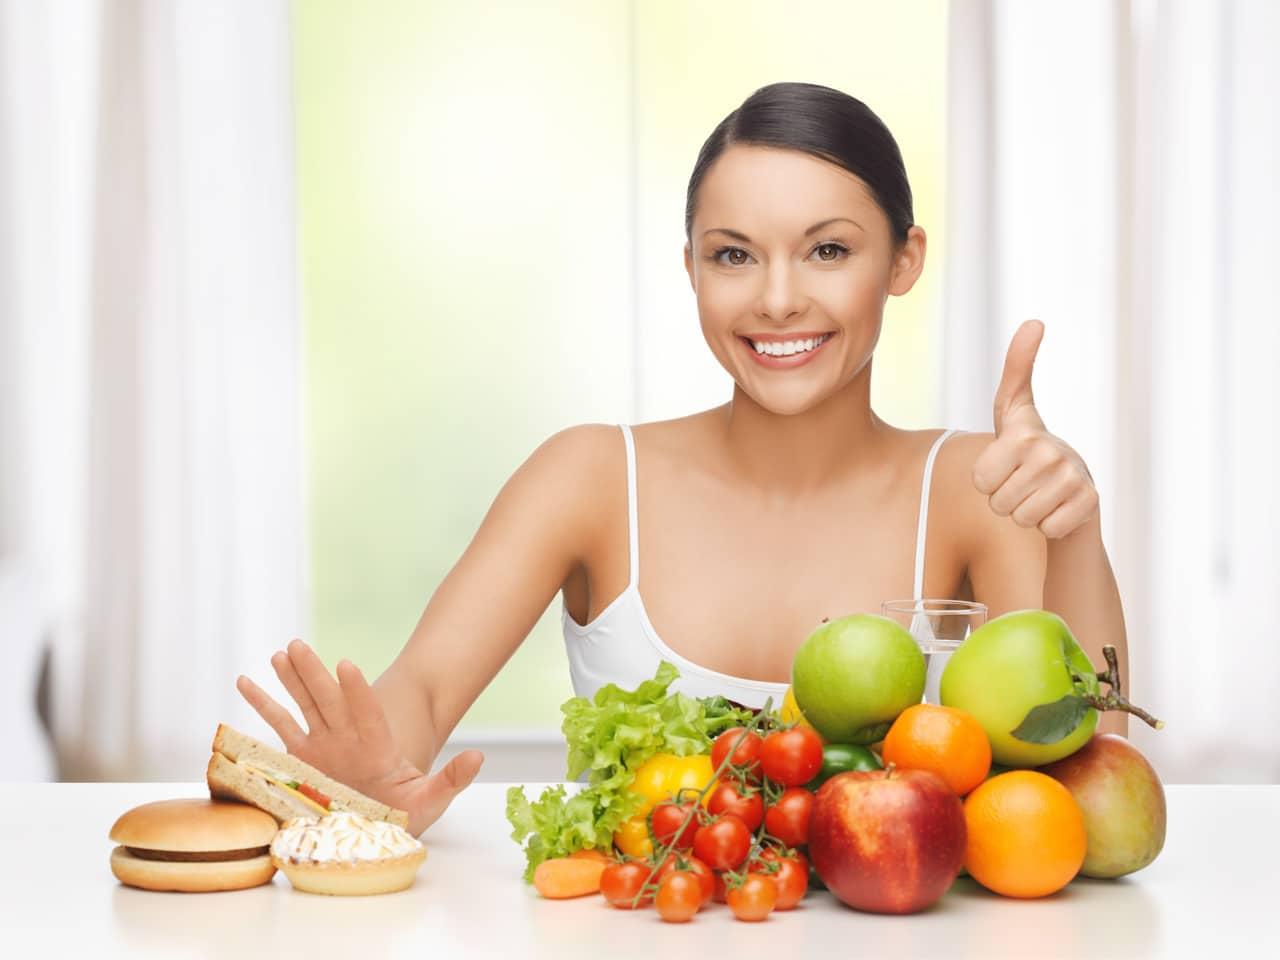 Eine Frau greift zu Gemüse und nicht Junkfood